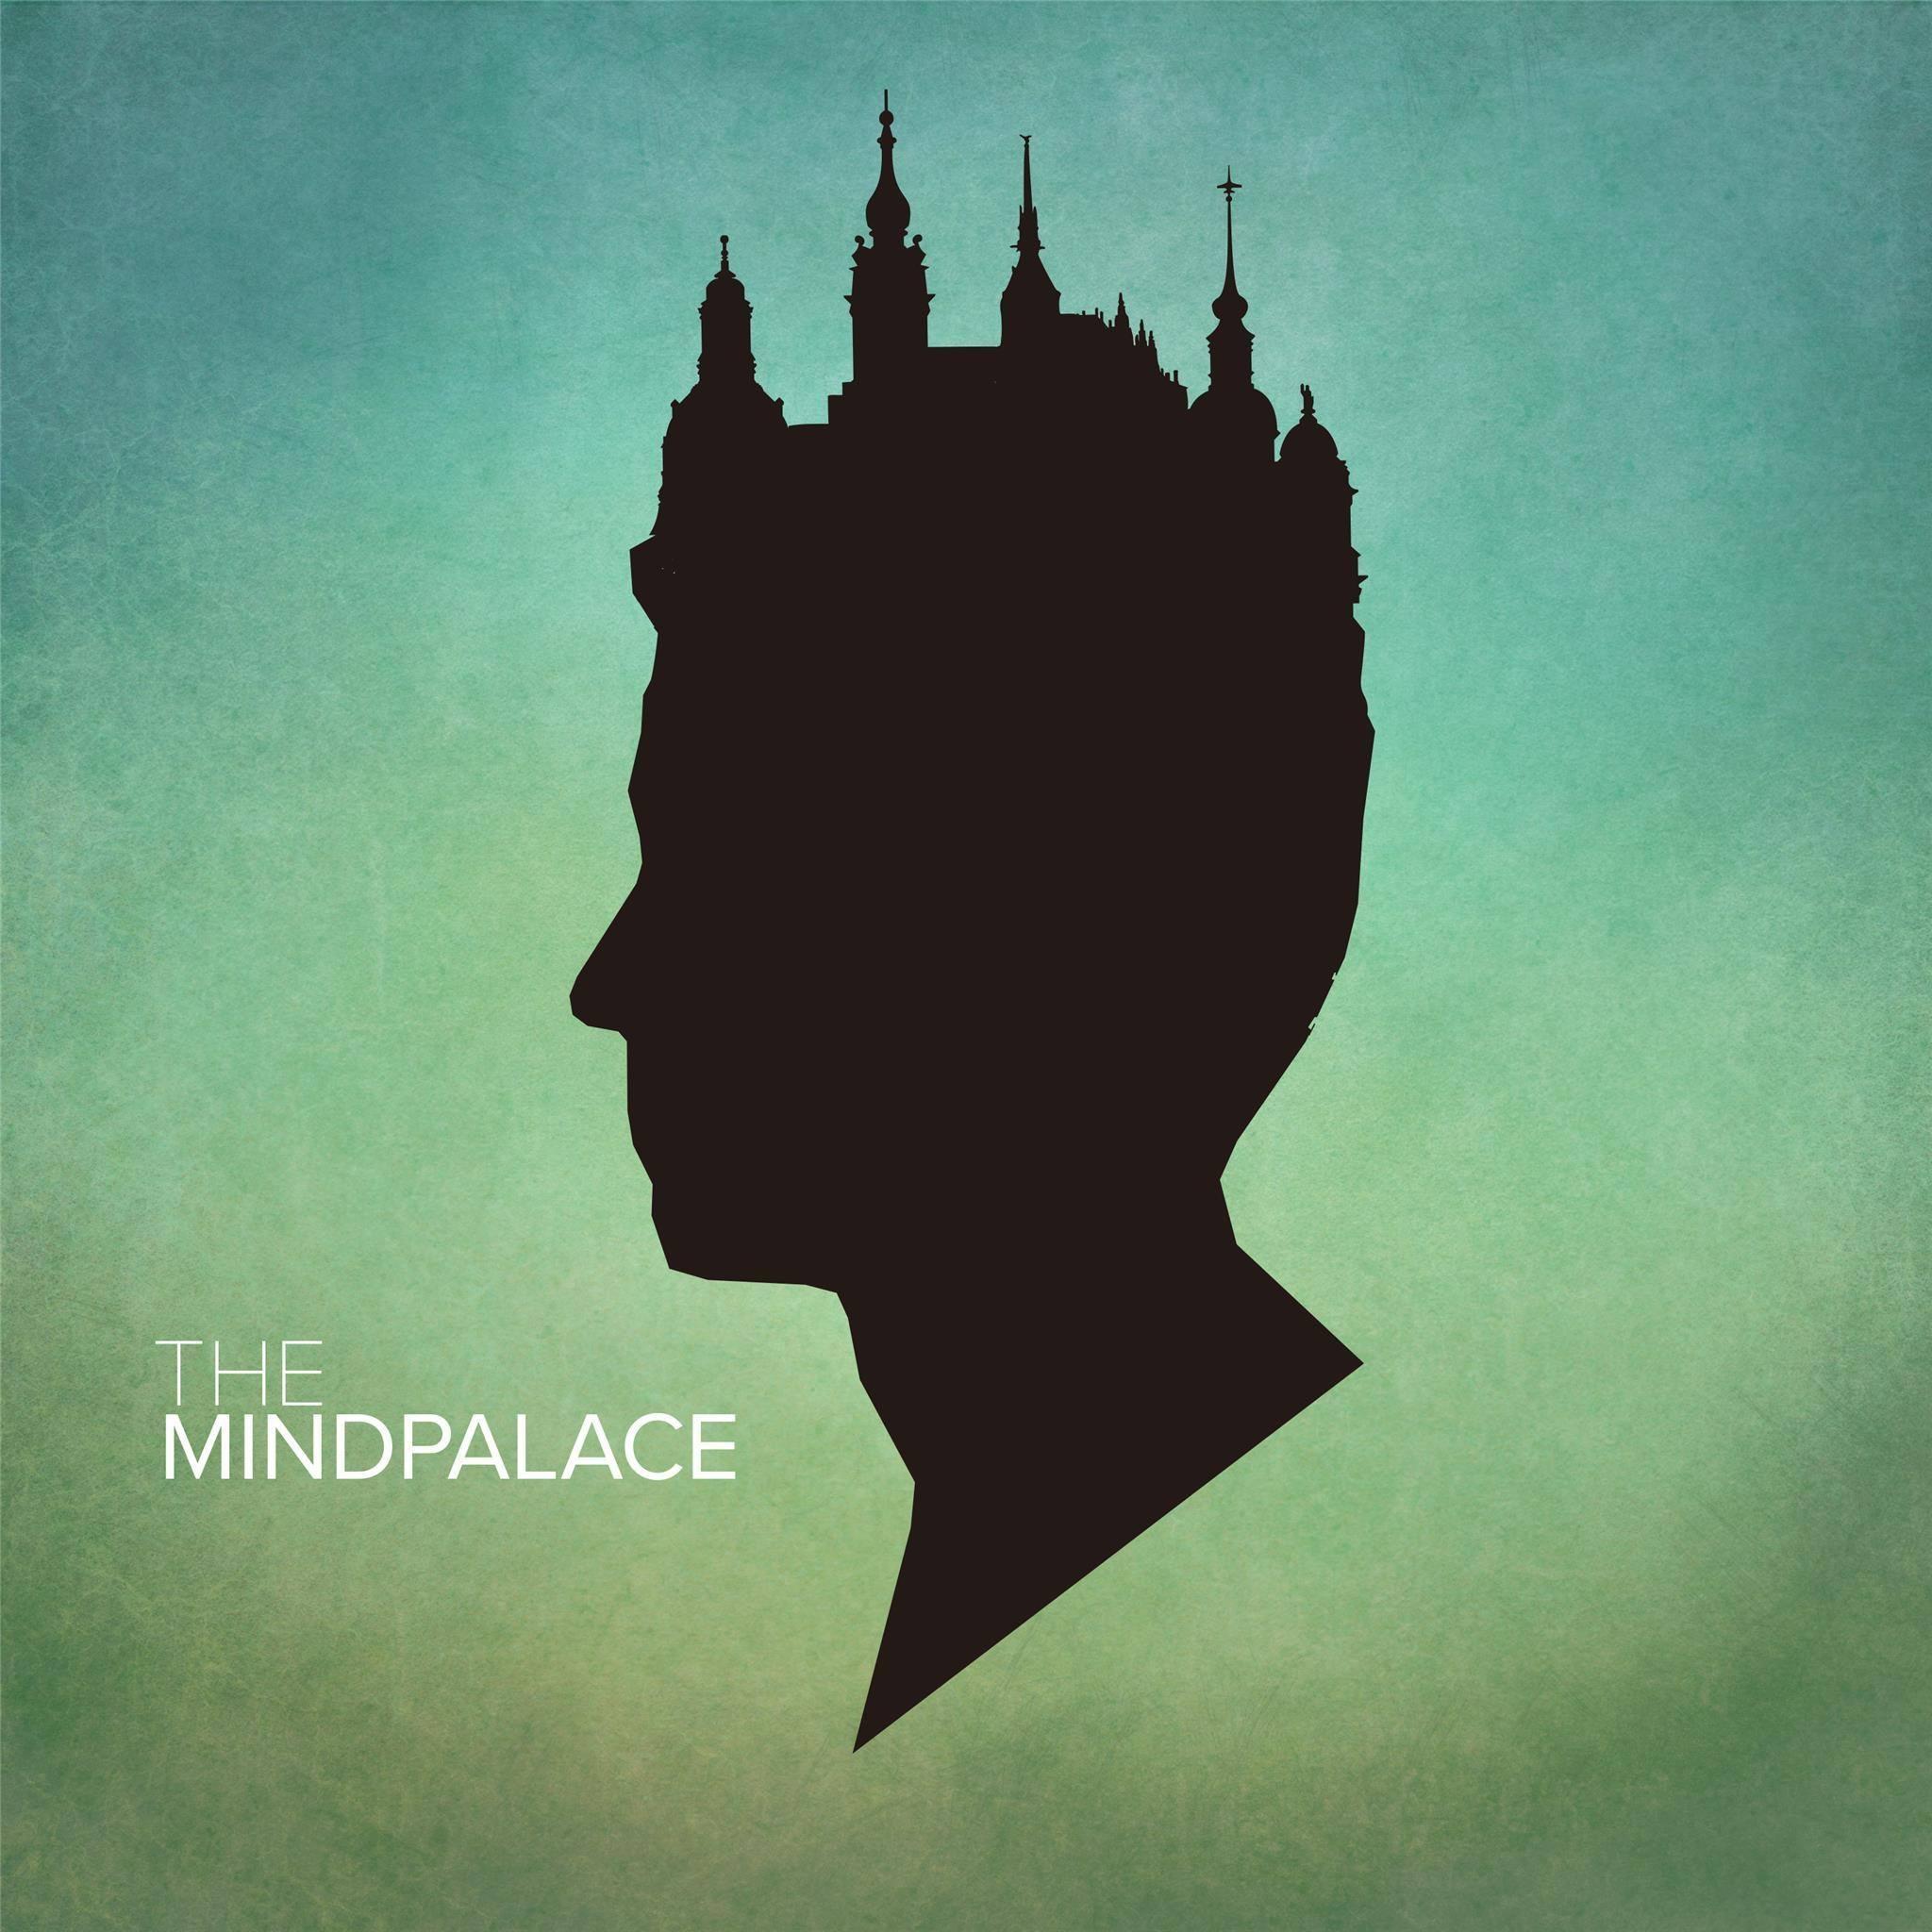 The Mindpalace